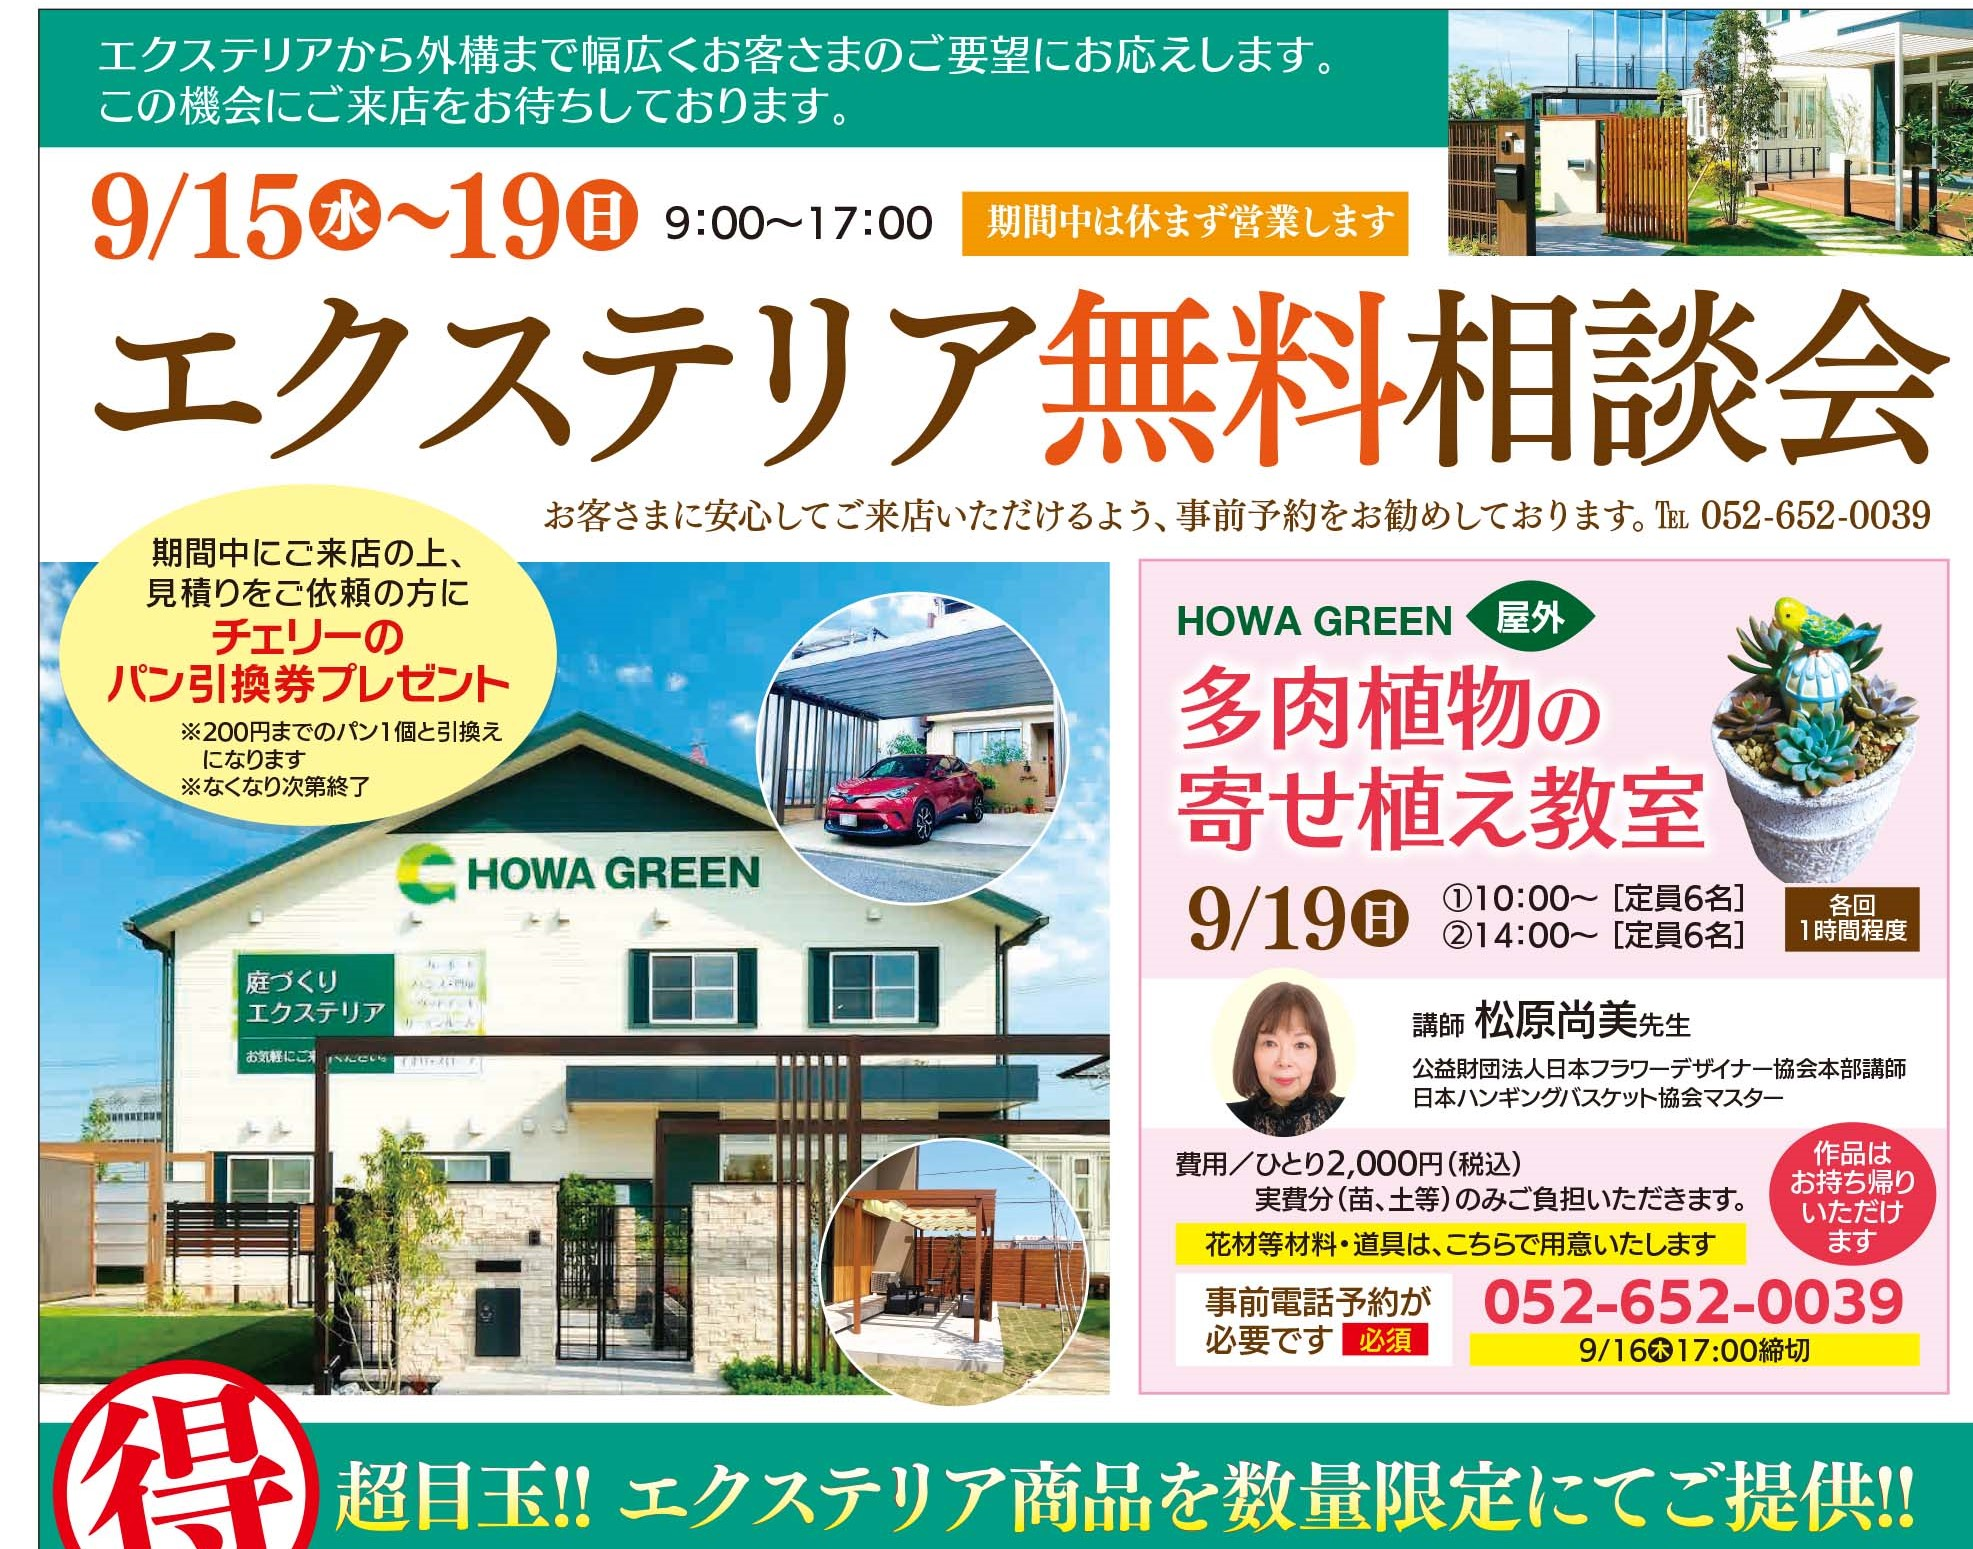 エクステリア・ガーデン相談会のお知らせ